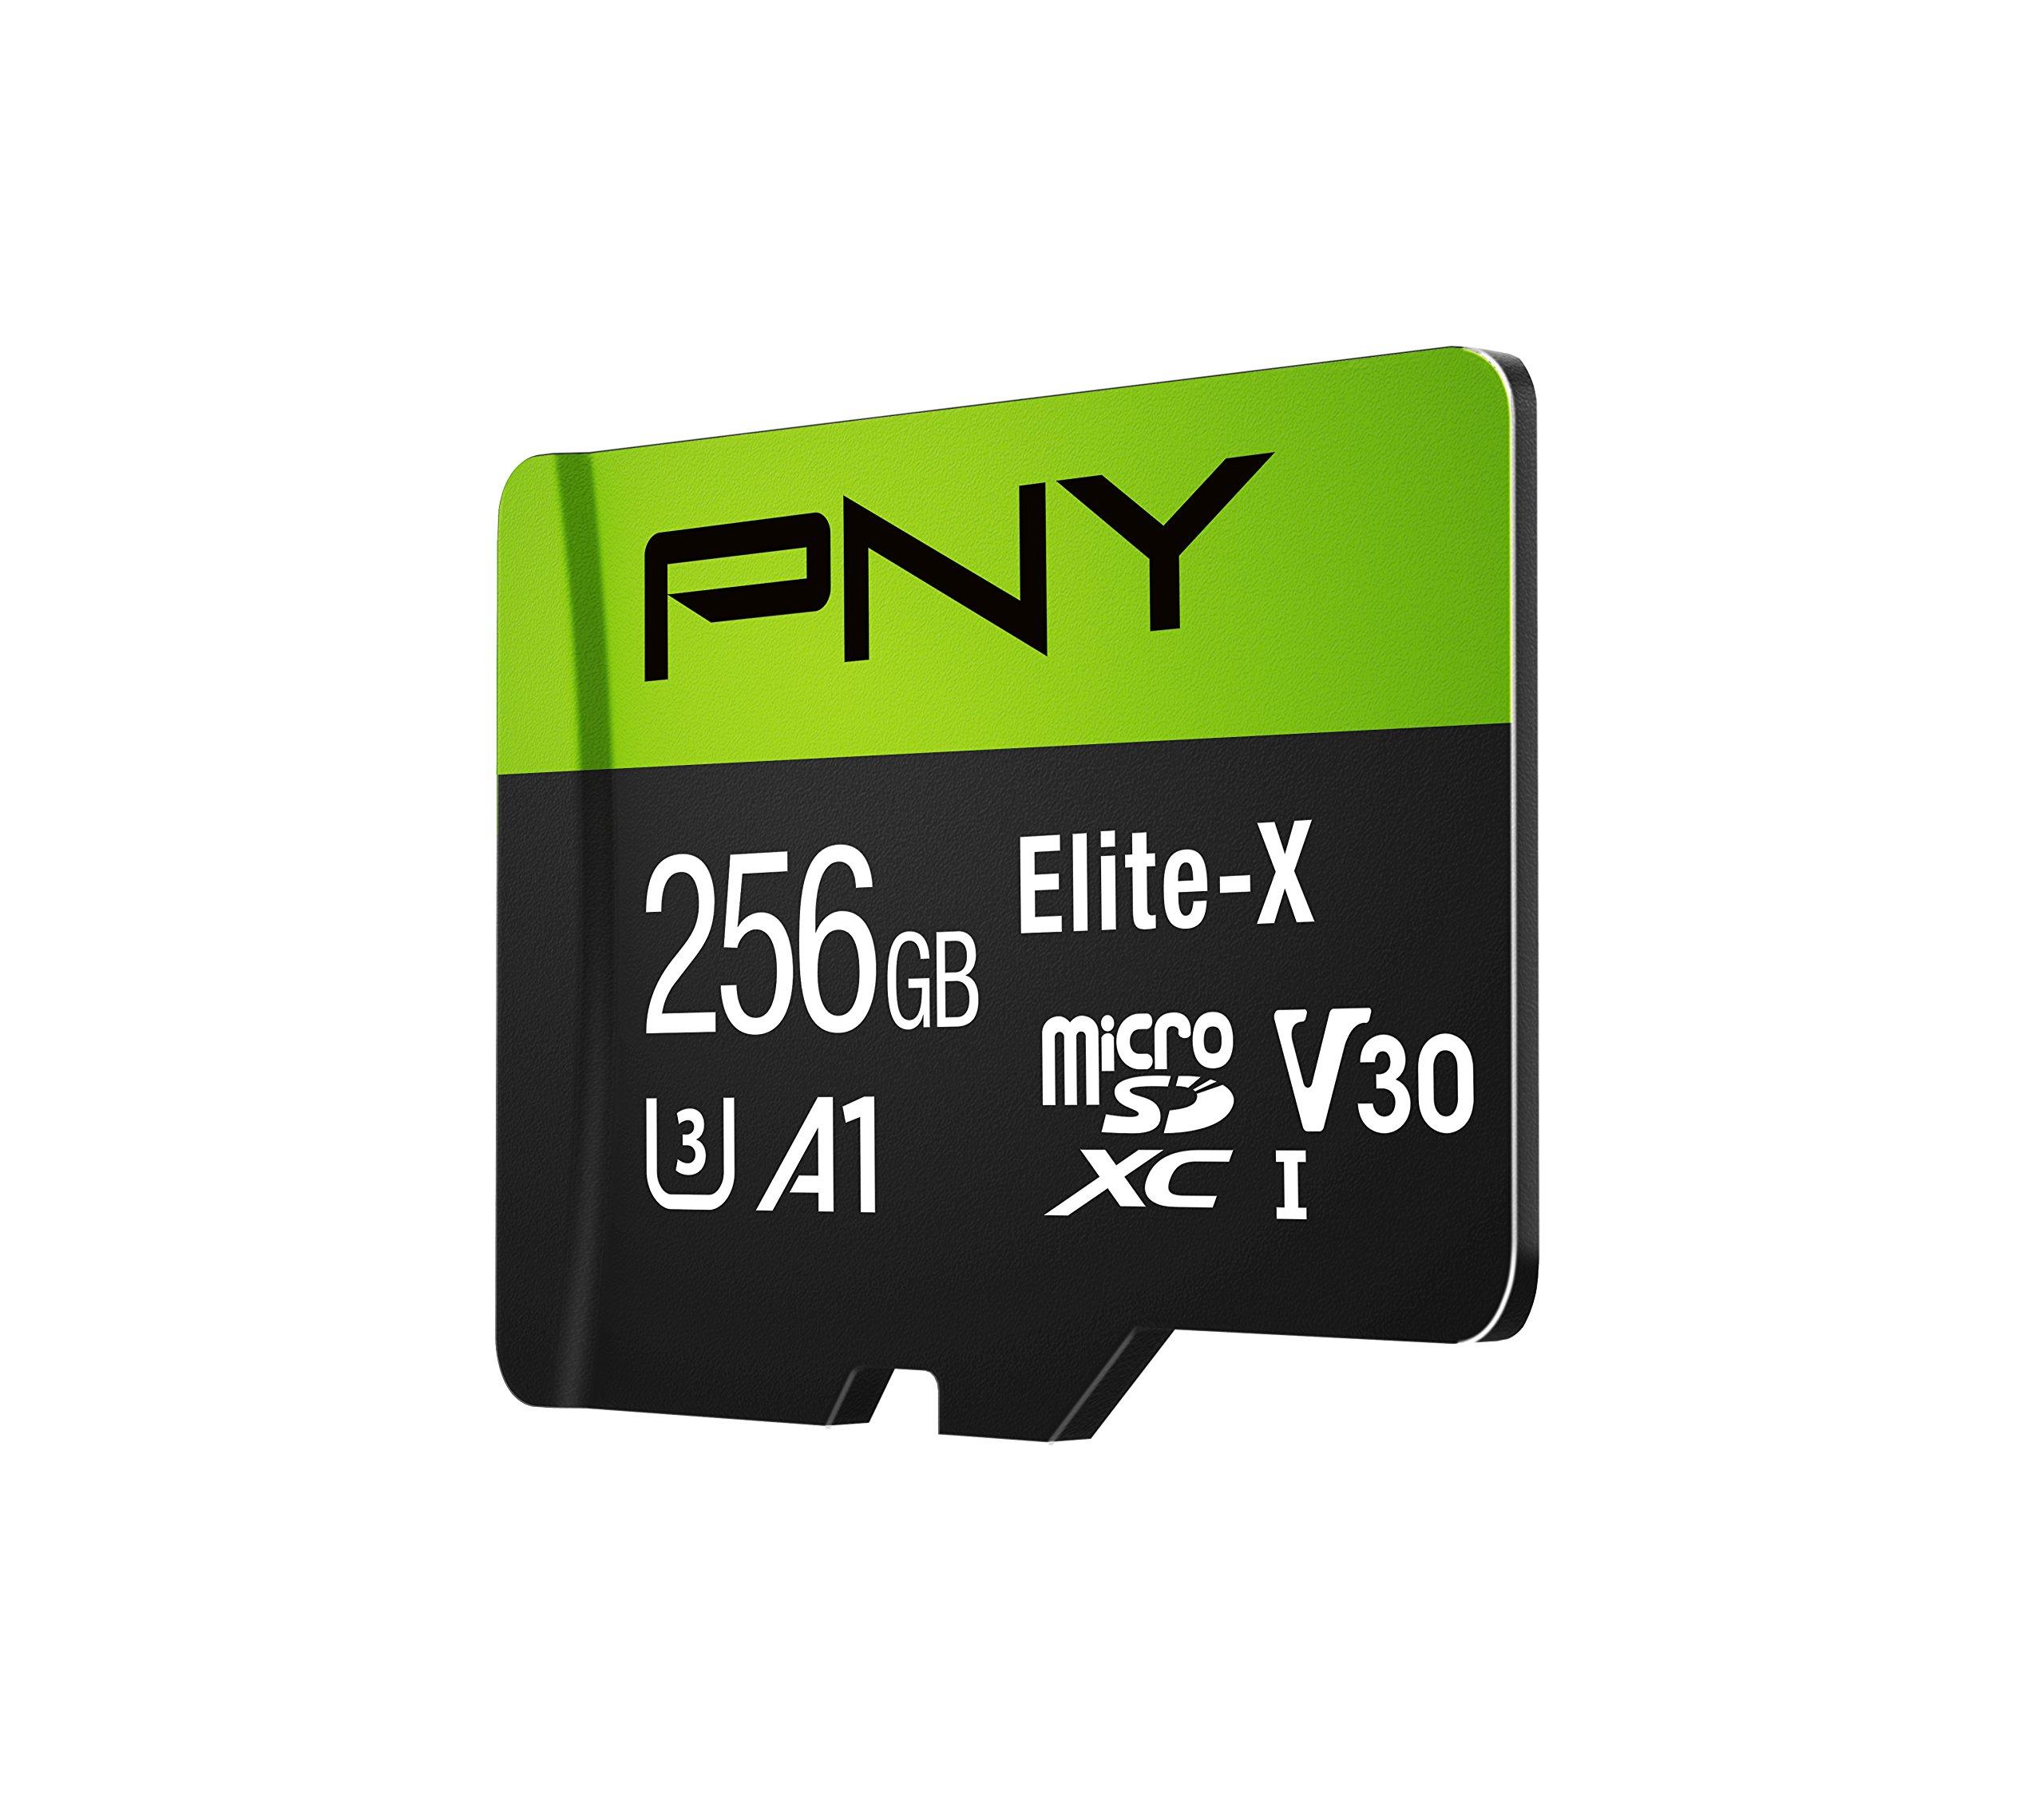 PNY Elite-X microSD 256GB, U3, V30, A1, Class 10, up to 100MB/s – P-SDU256U3100EX-GE by PNY (Image #3)